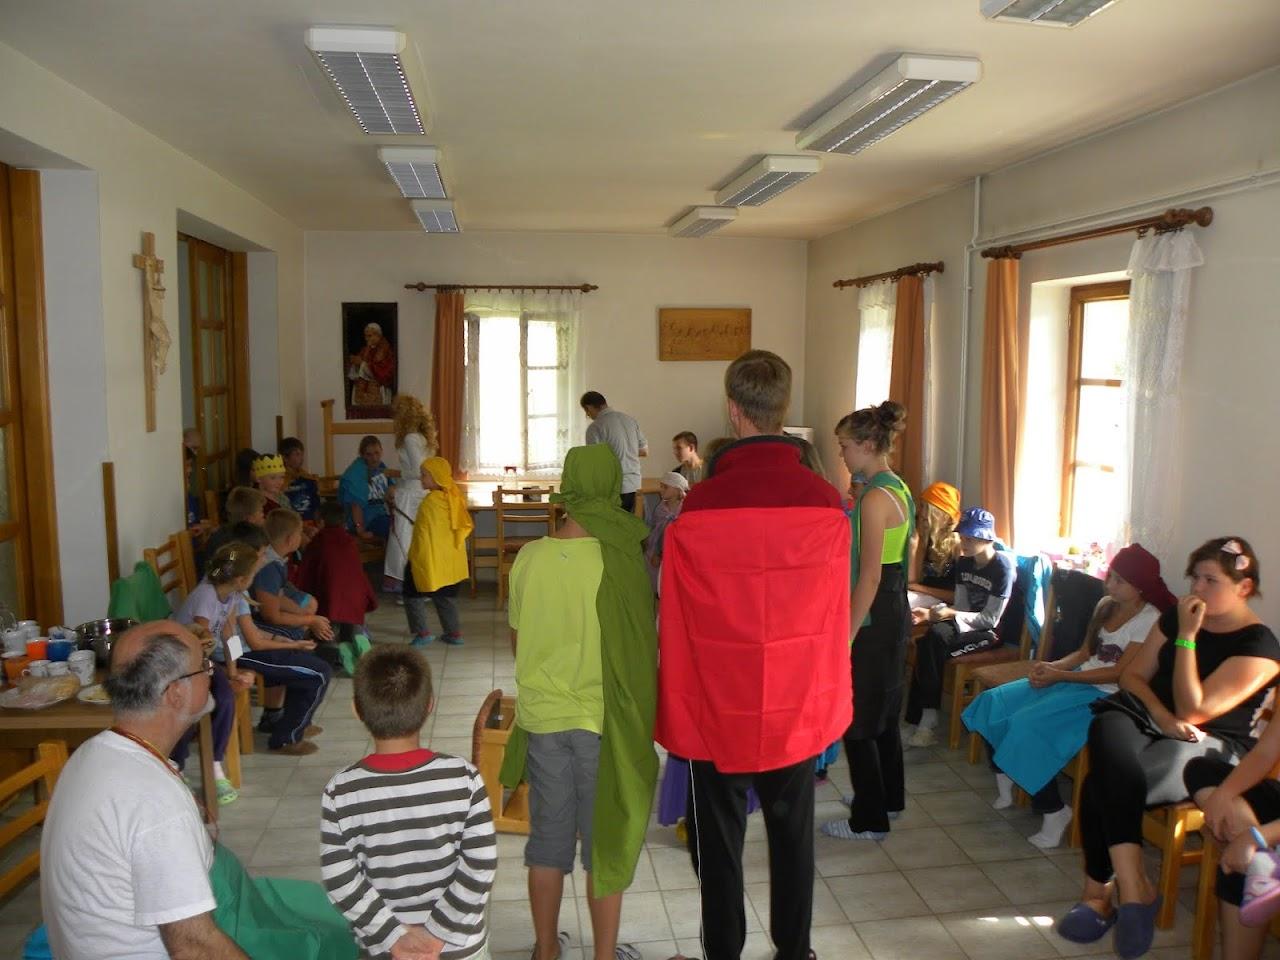 Tábor - Veľké Karlovice - fotka 396.JPG